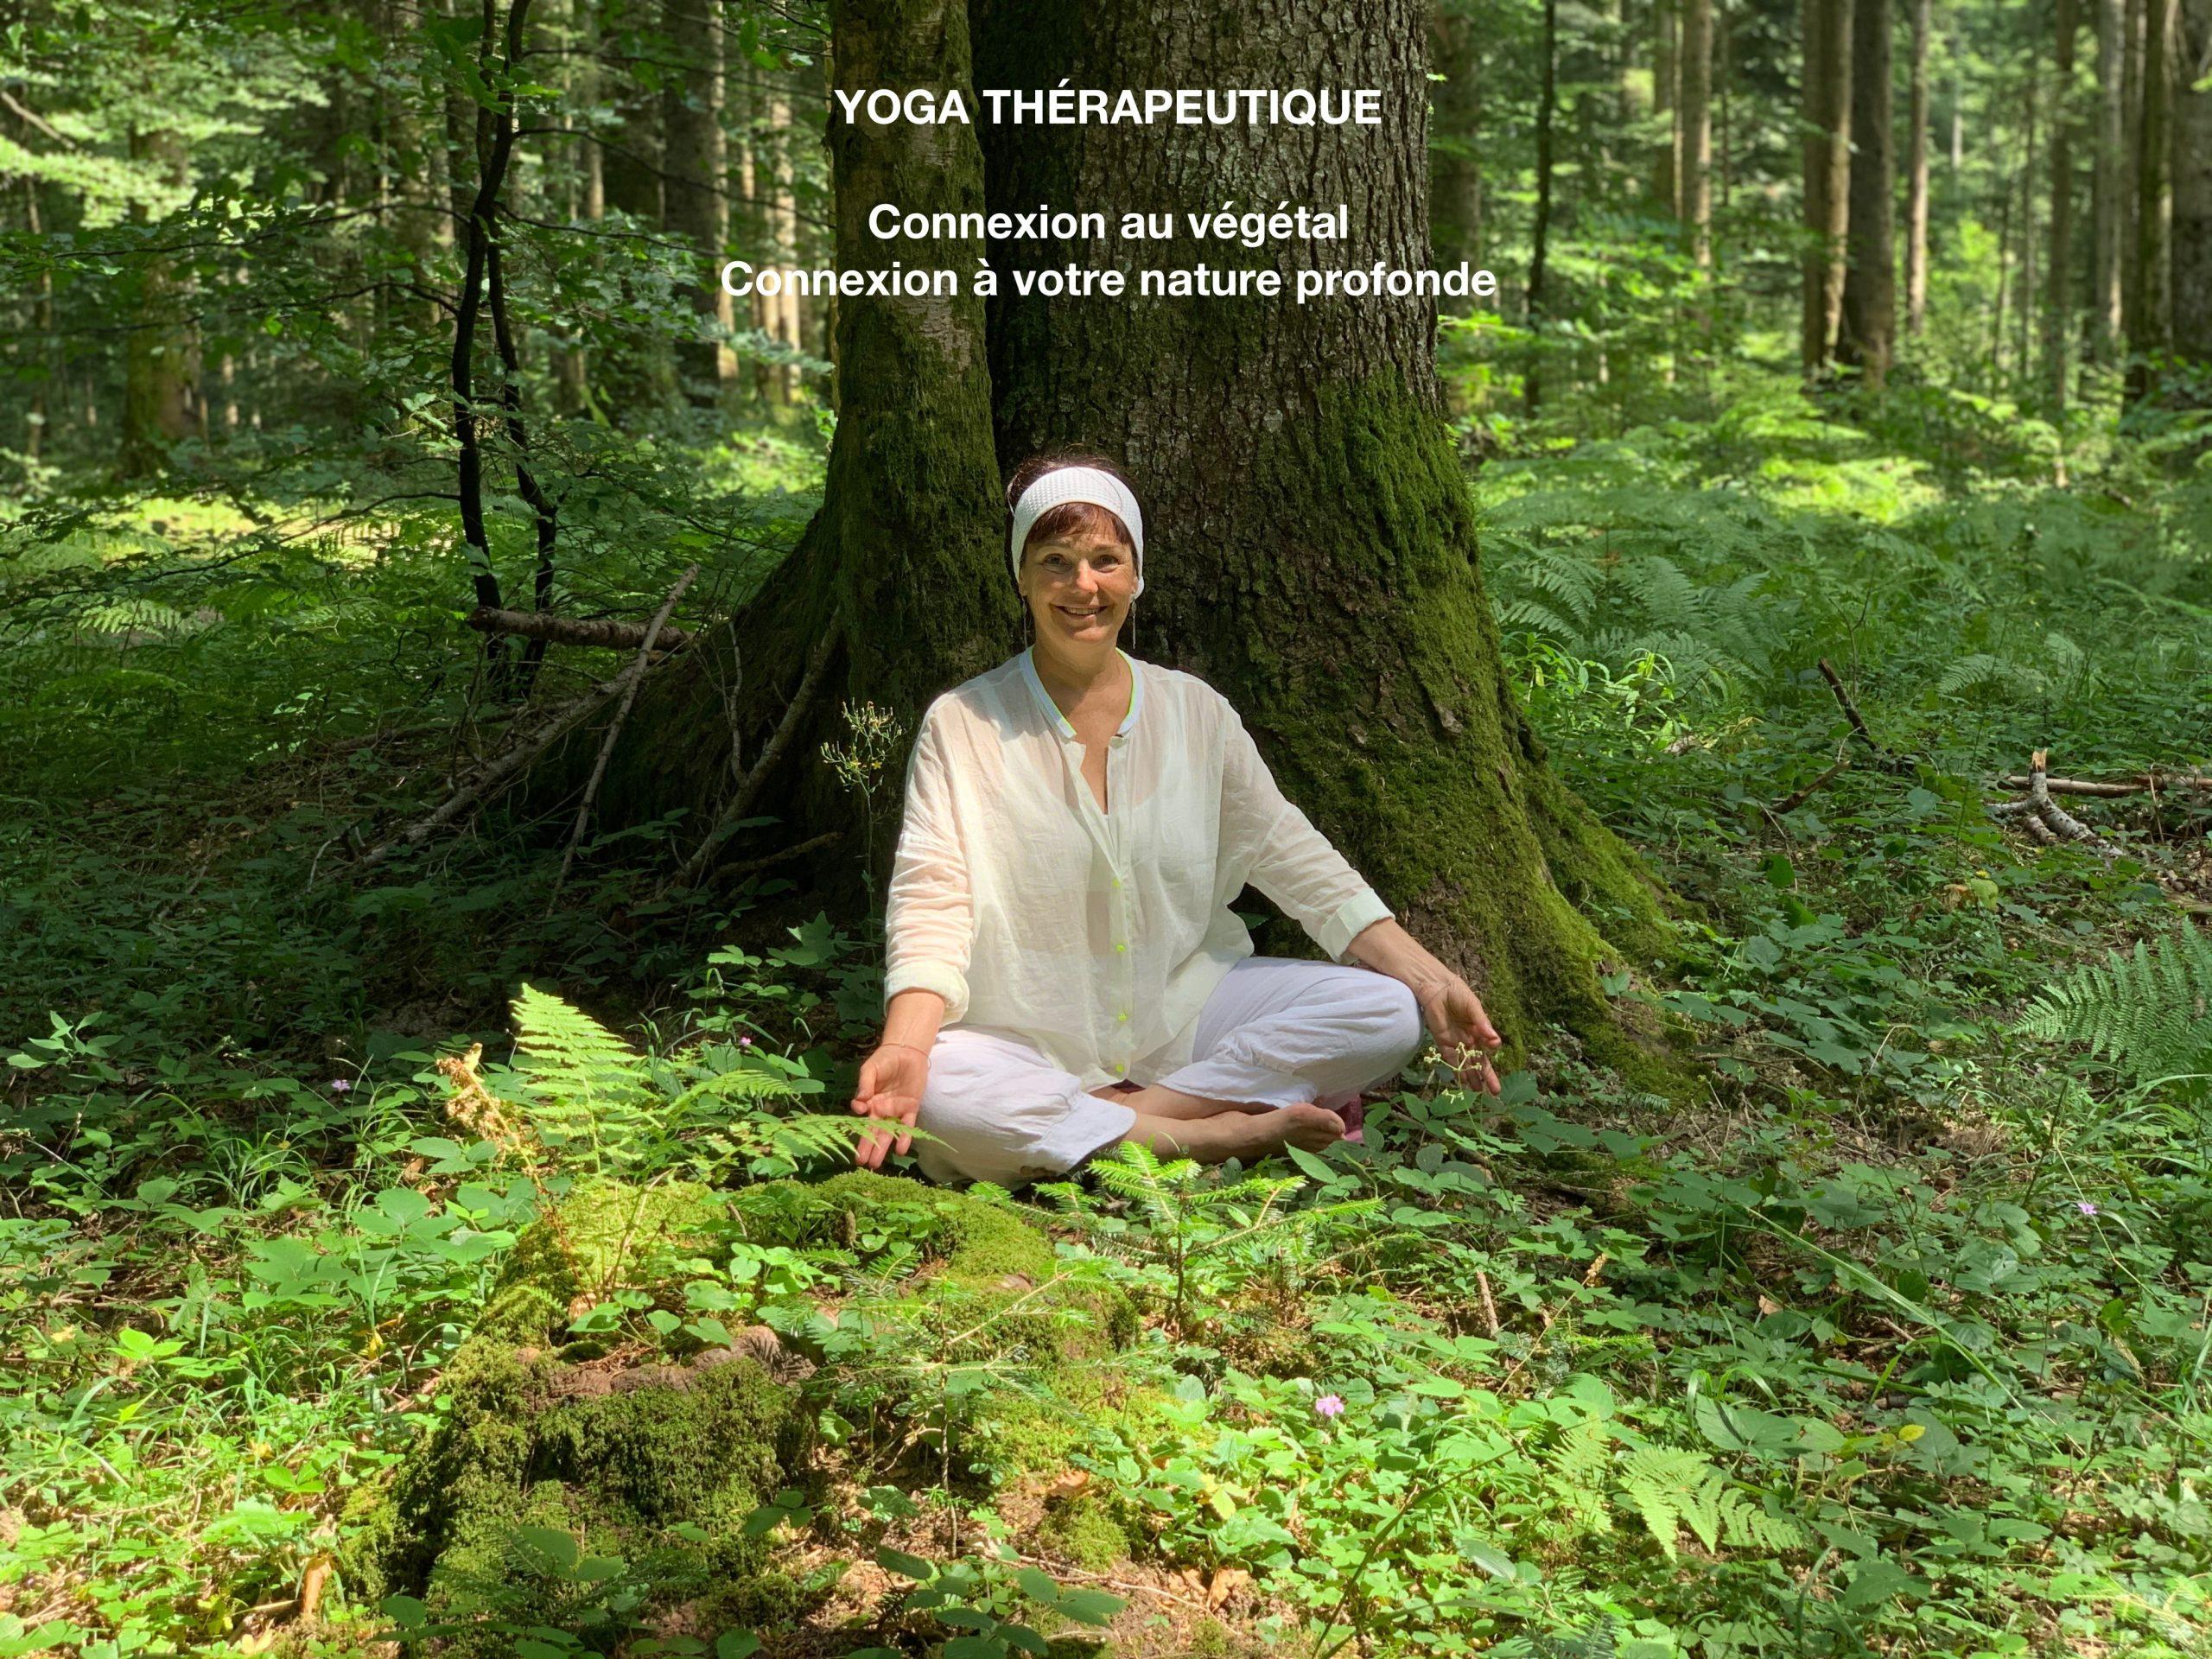 Kundalini Yoga thérapeutique